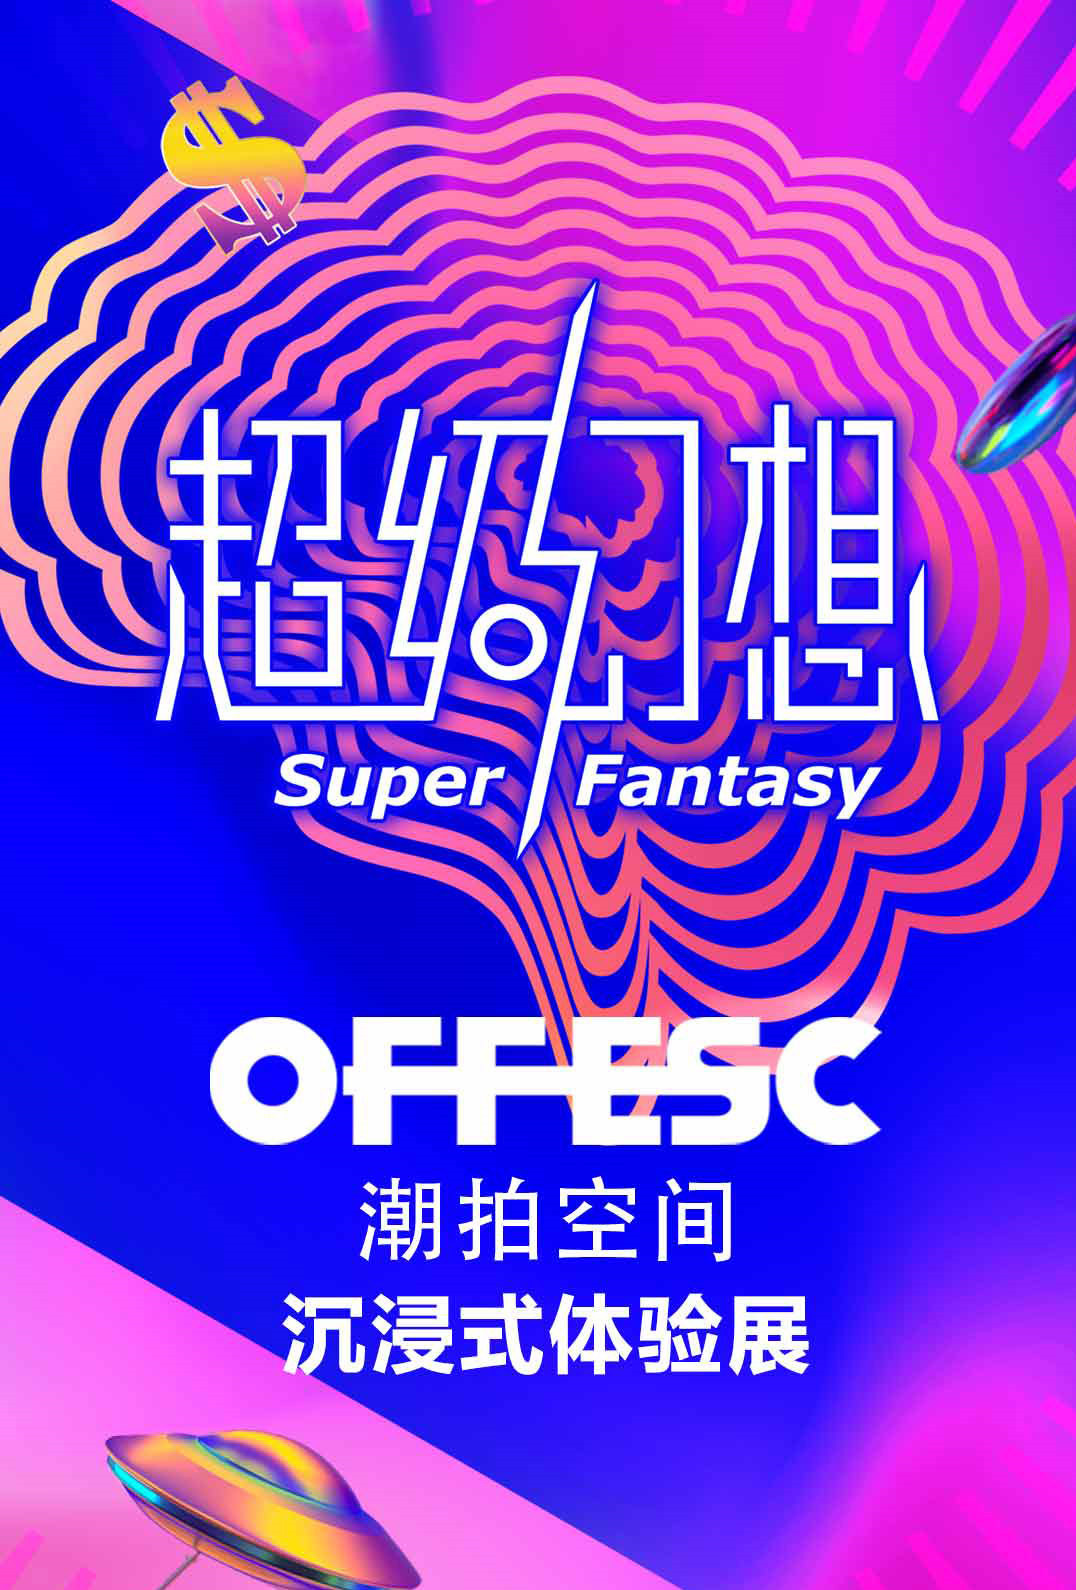 超级幻想Super Fantasy